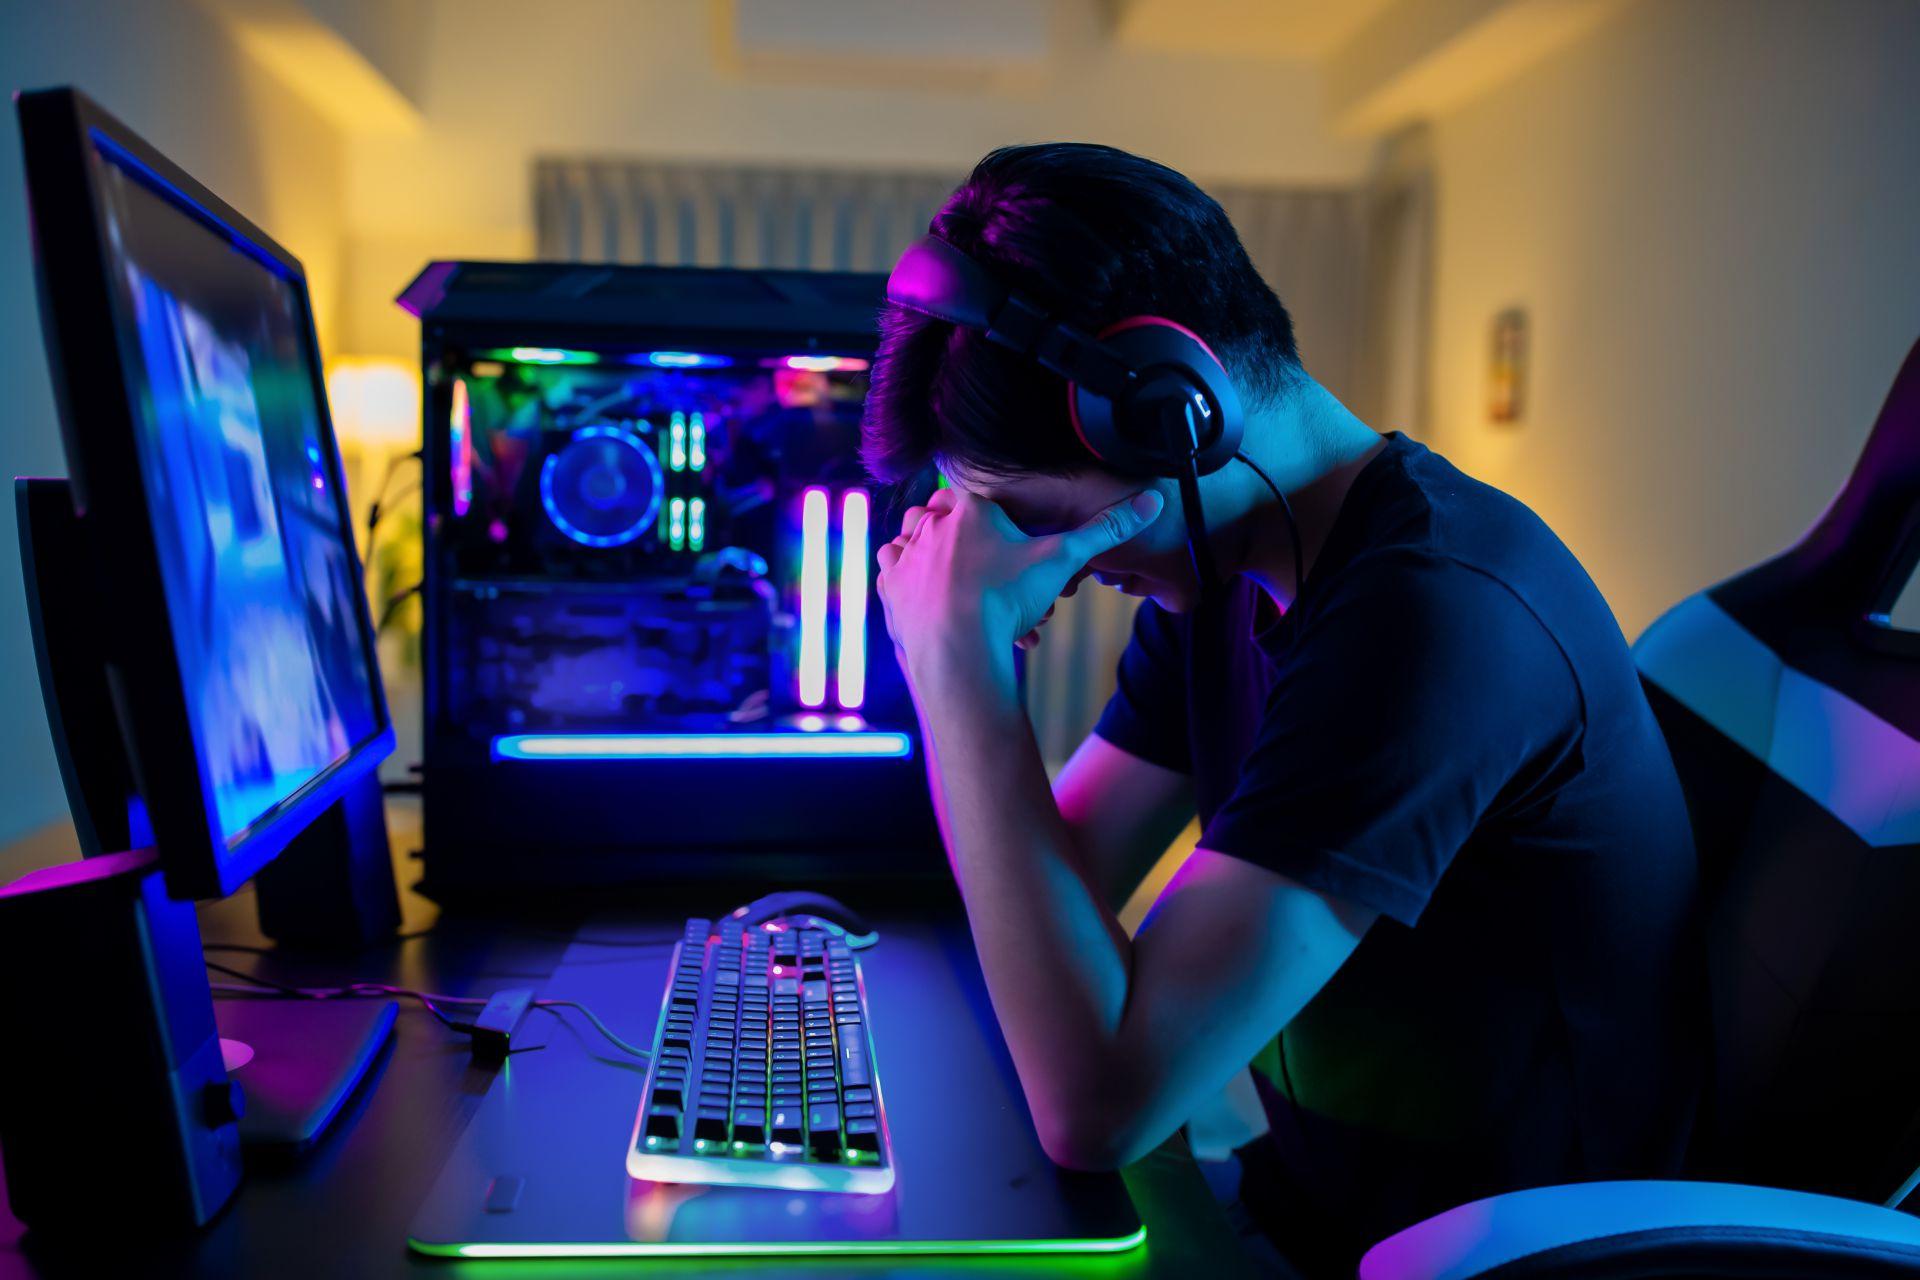 Tehnologi Dan Permainan Online Yang Berkembang Di Jaman Kekinian